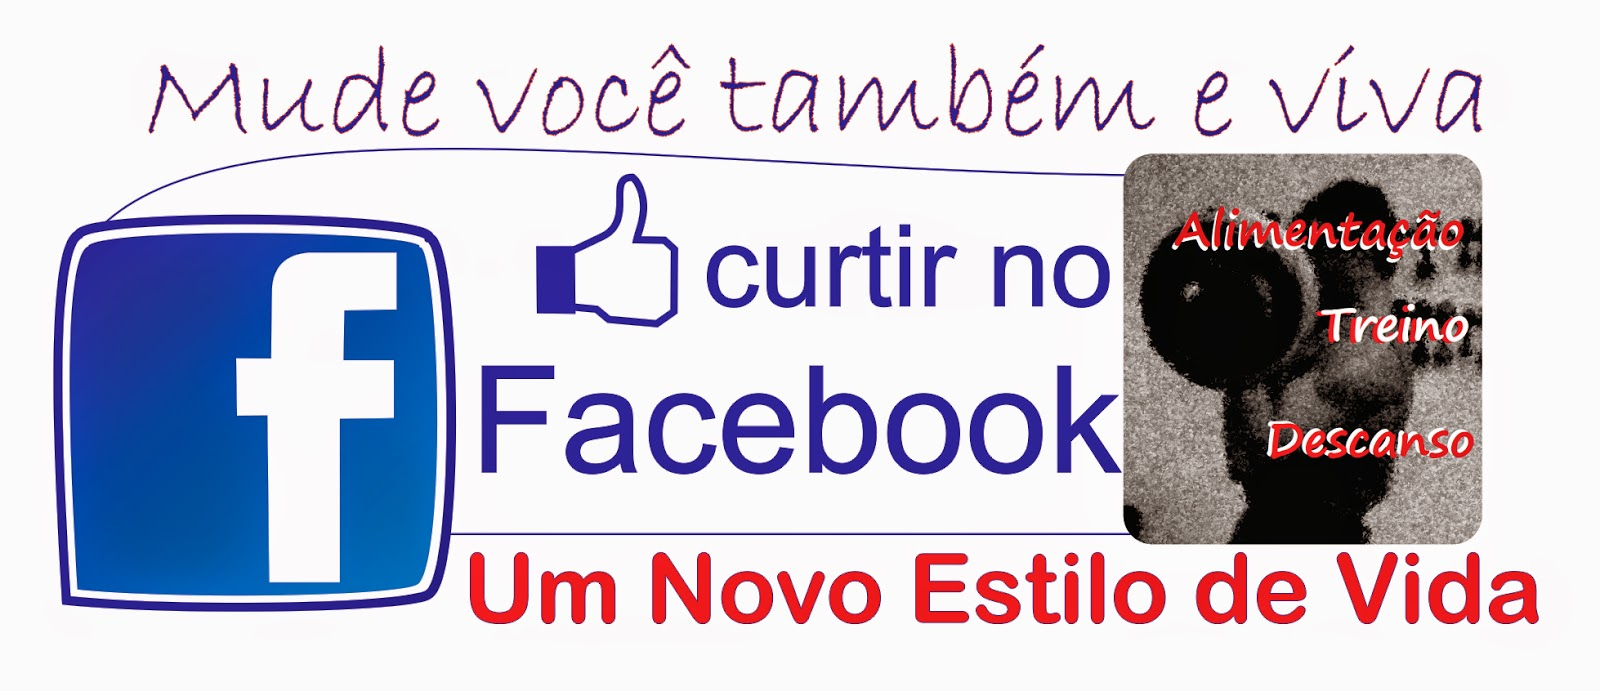 https://www.facebook.com/mudandoestilodevida